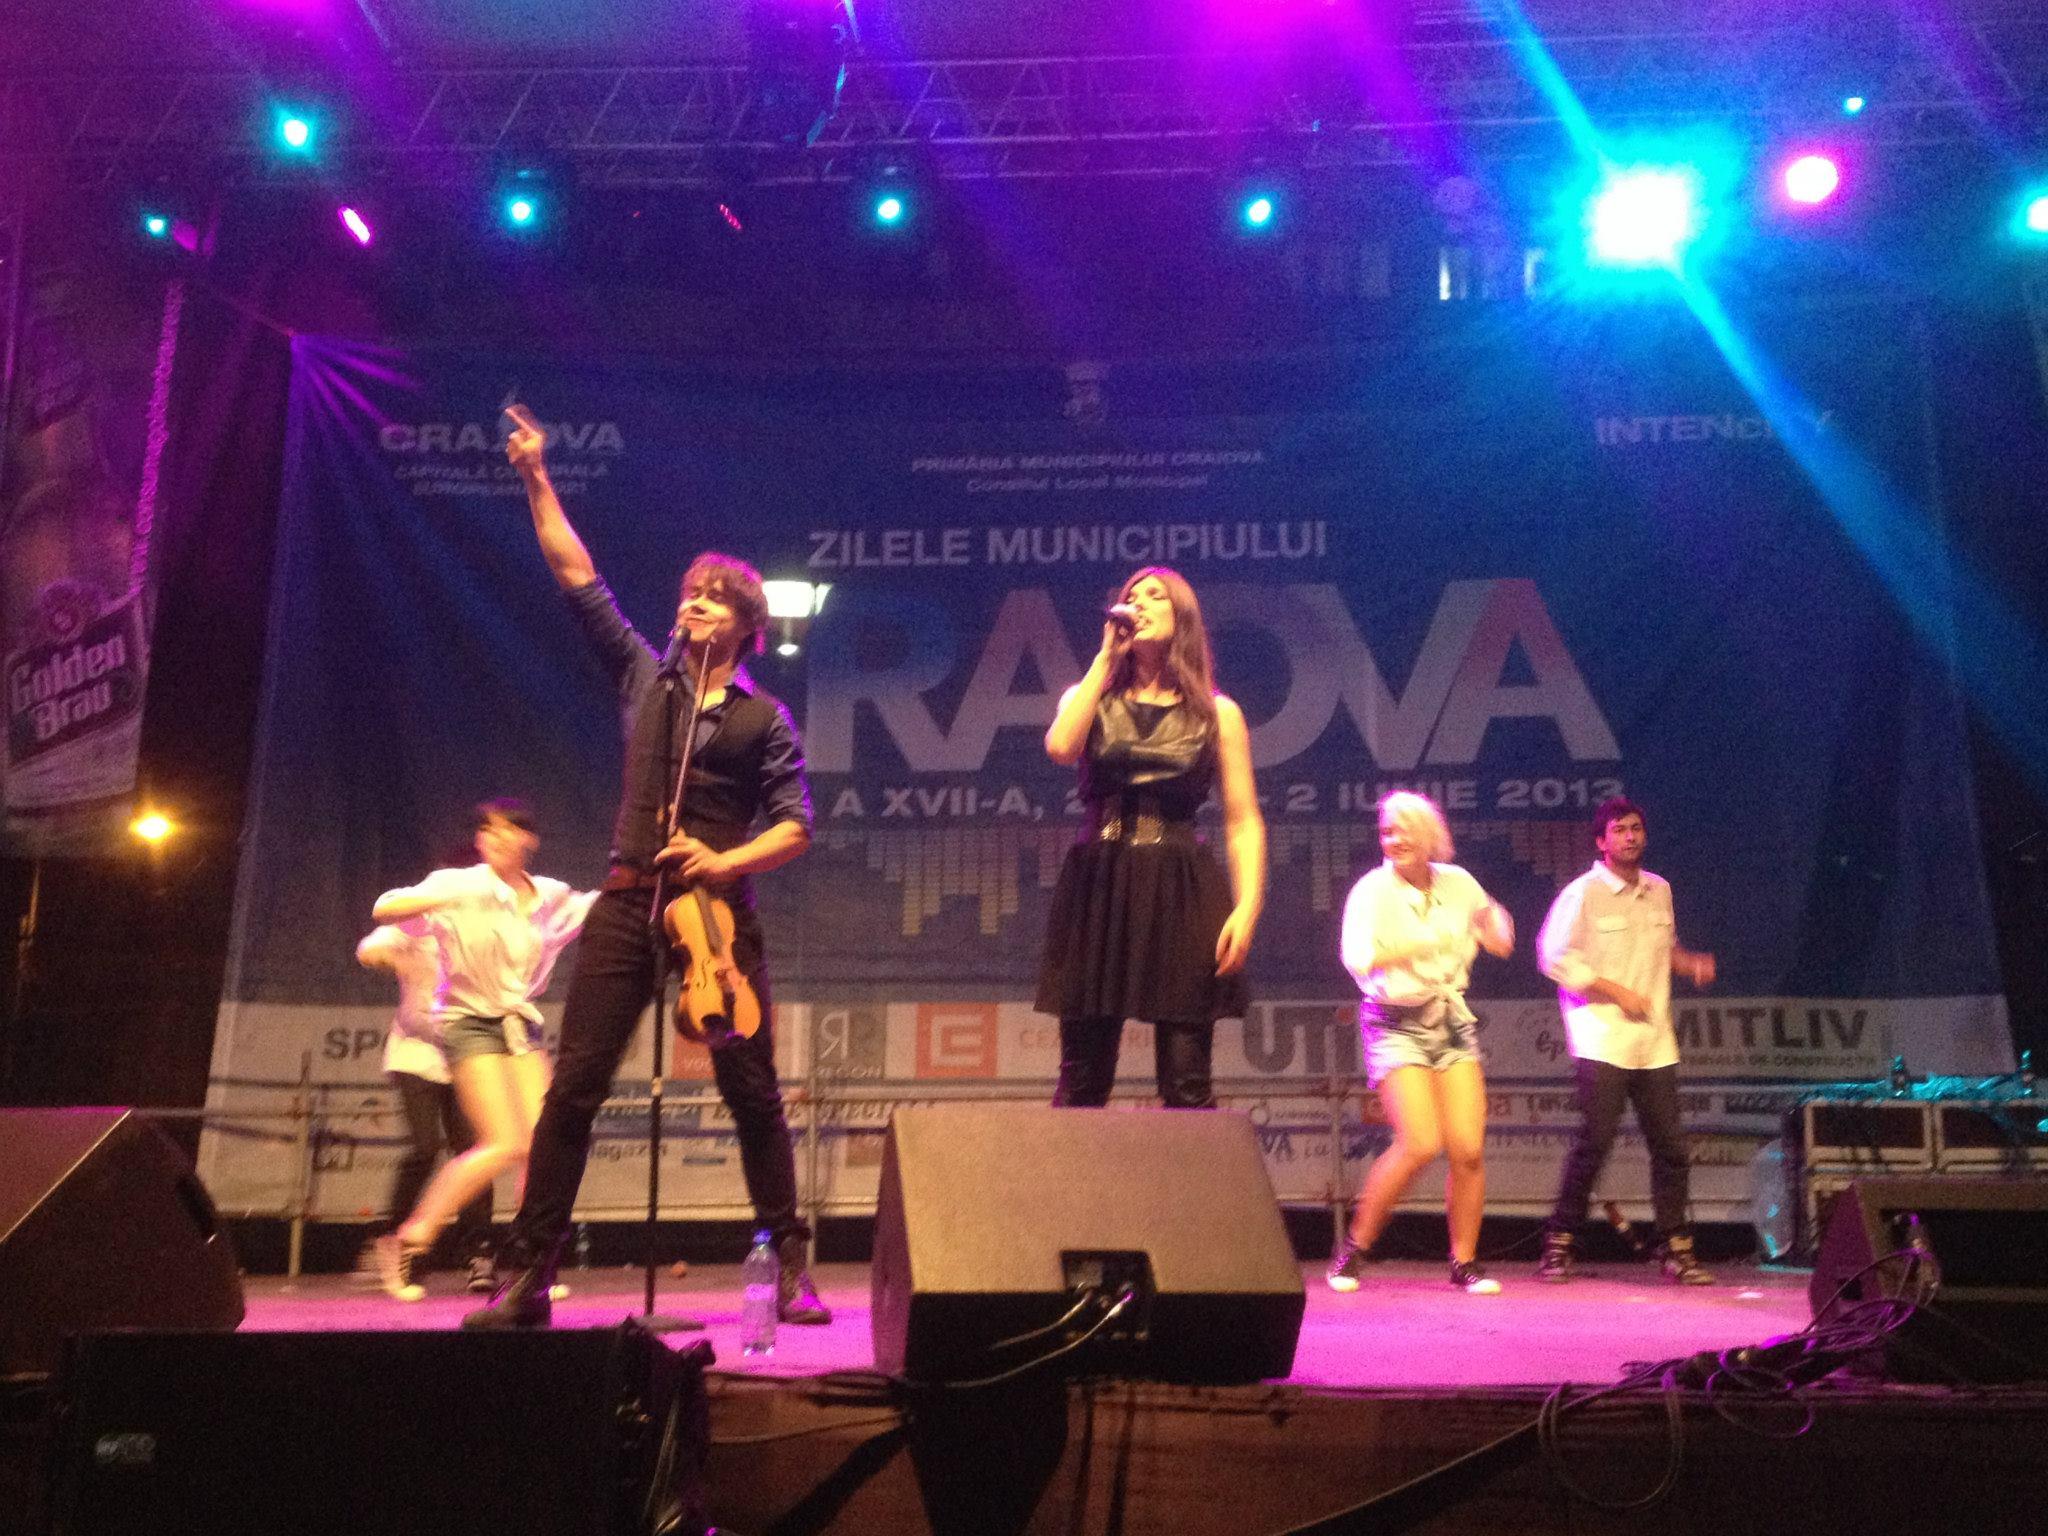 Photos. Concert in Craiova, Romania